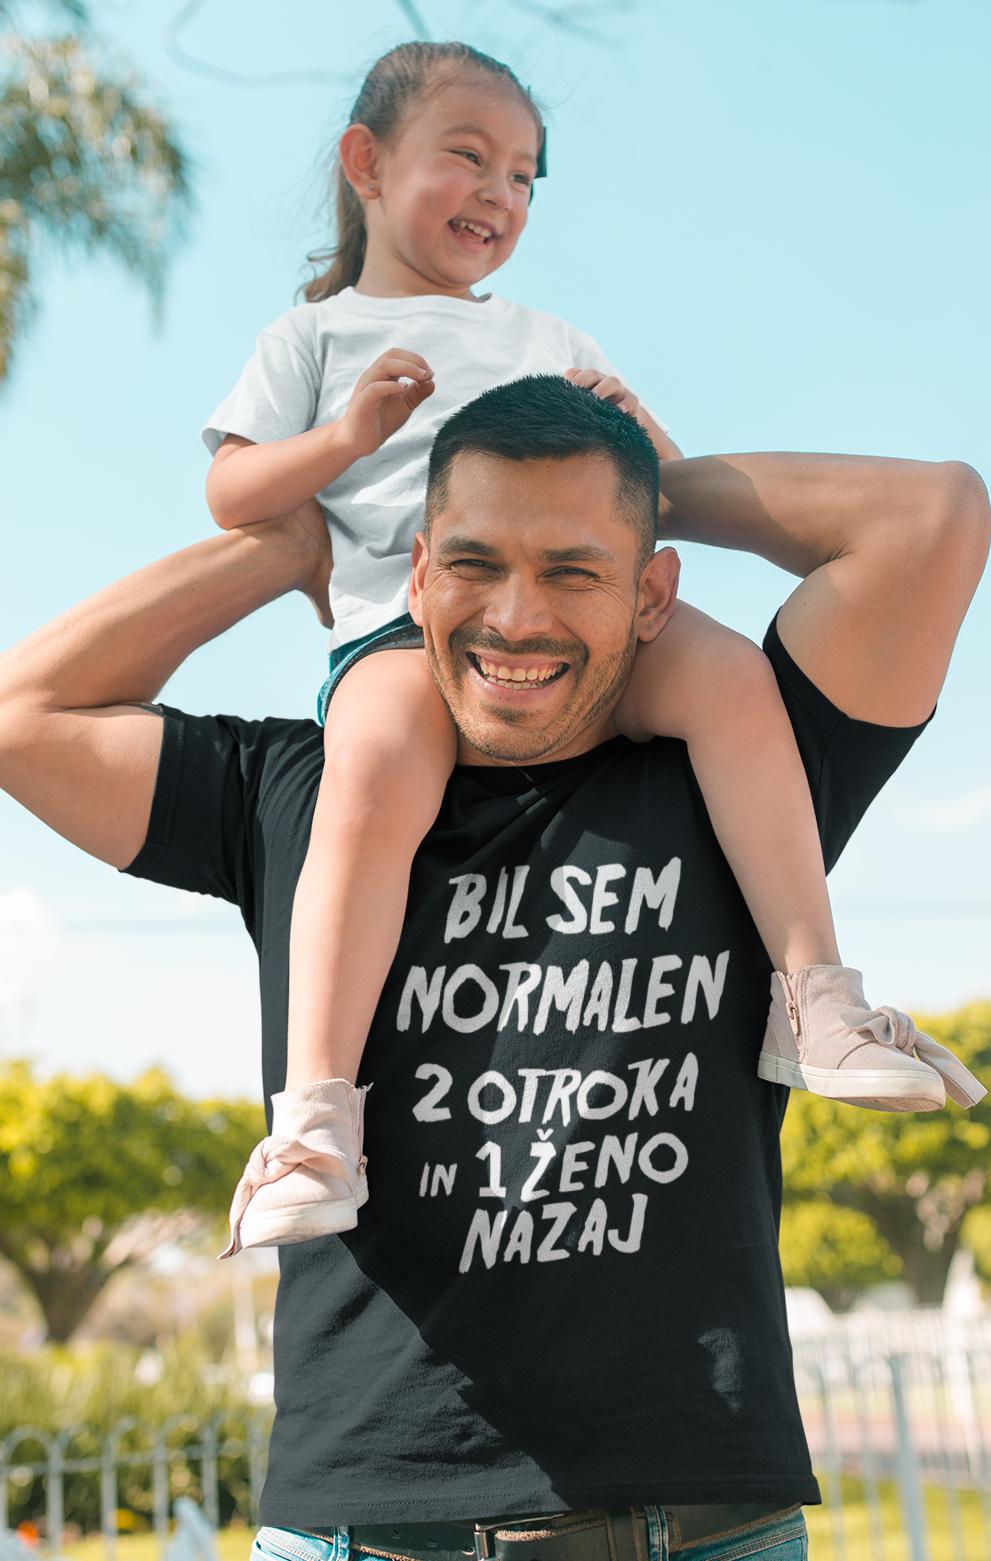 Smešna majica normalen nekaj otrok in eno ženo nazaj